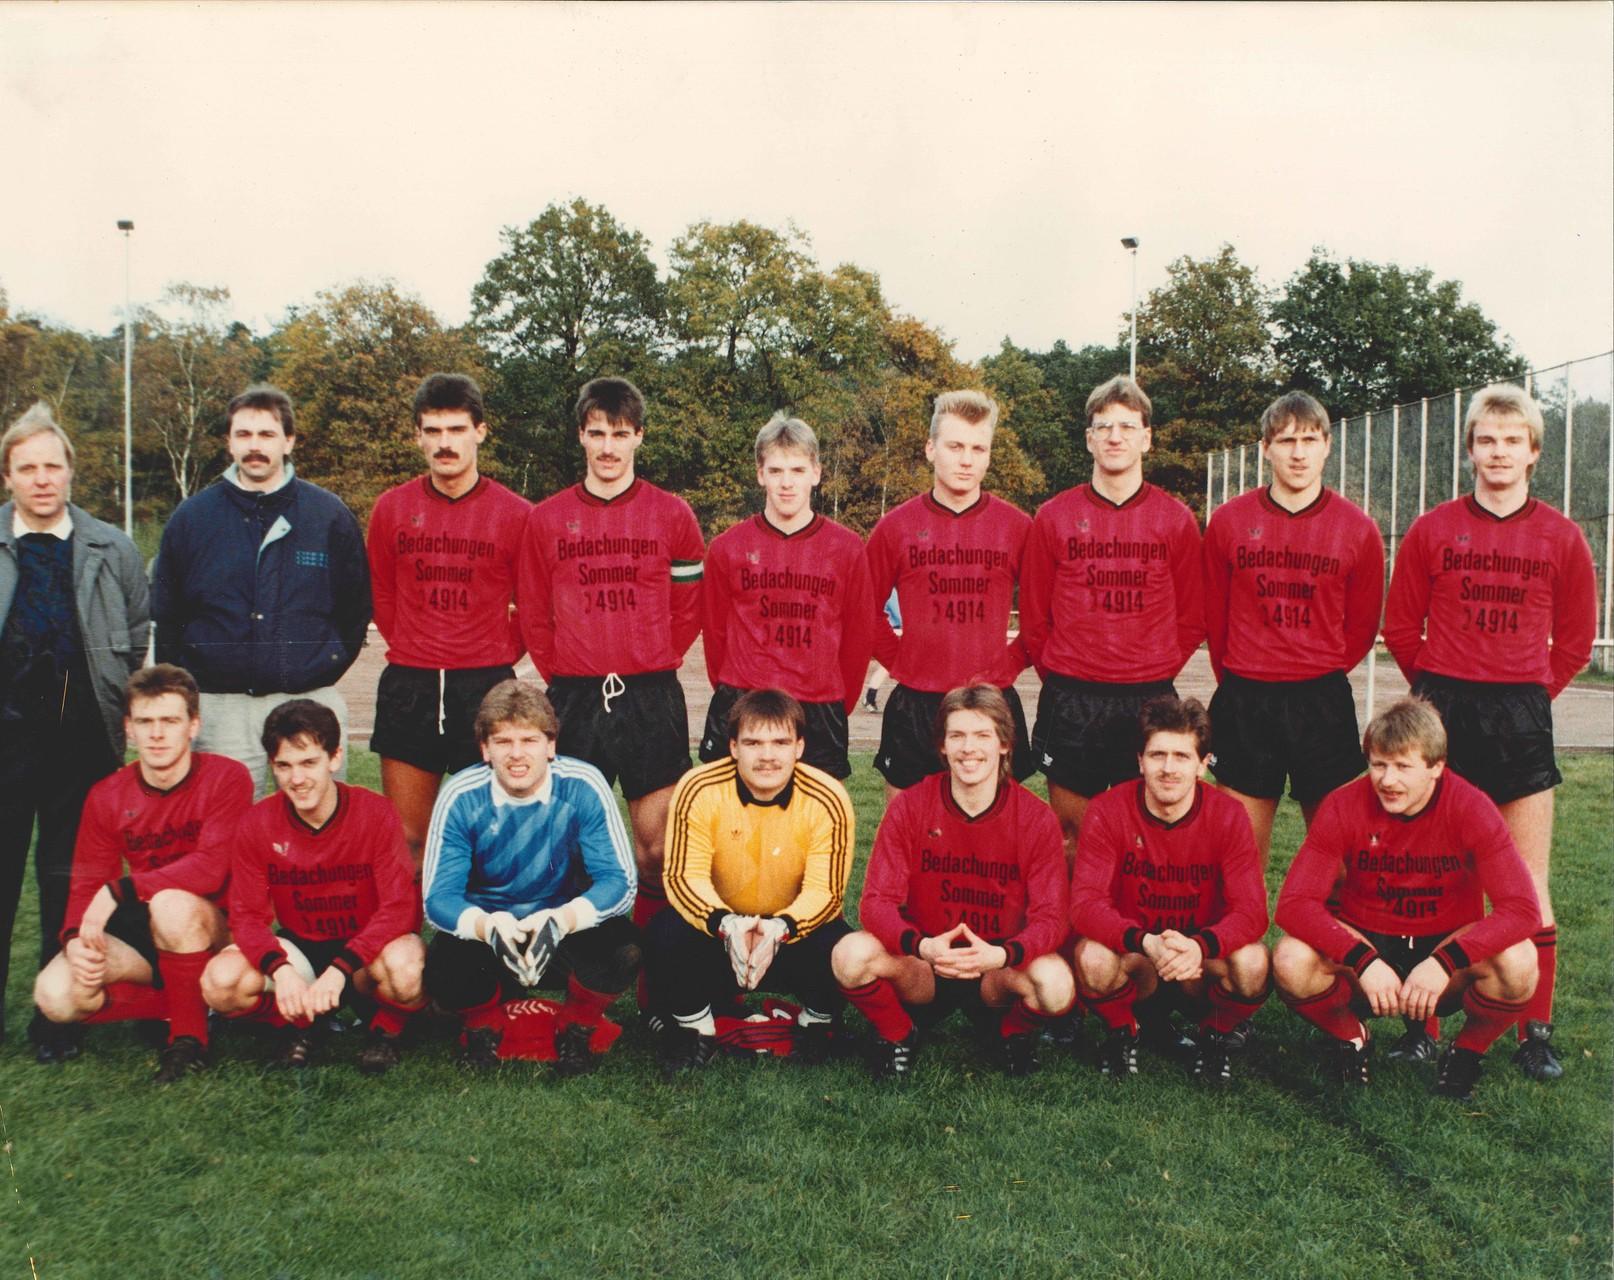 1.Mannschaft 1988-1989